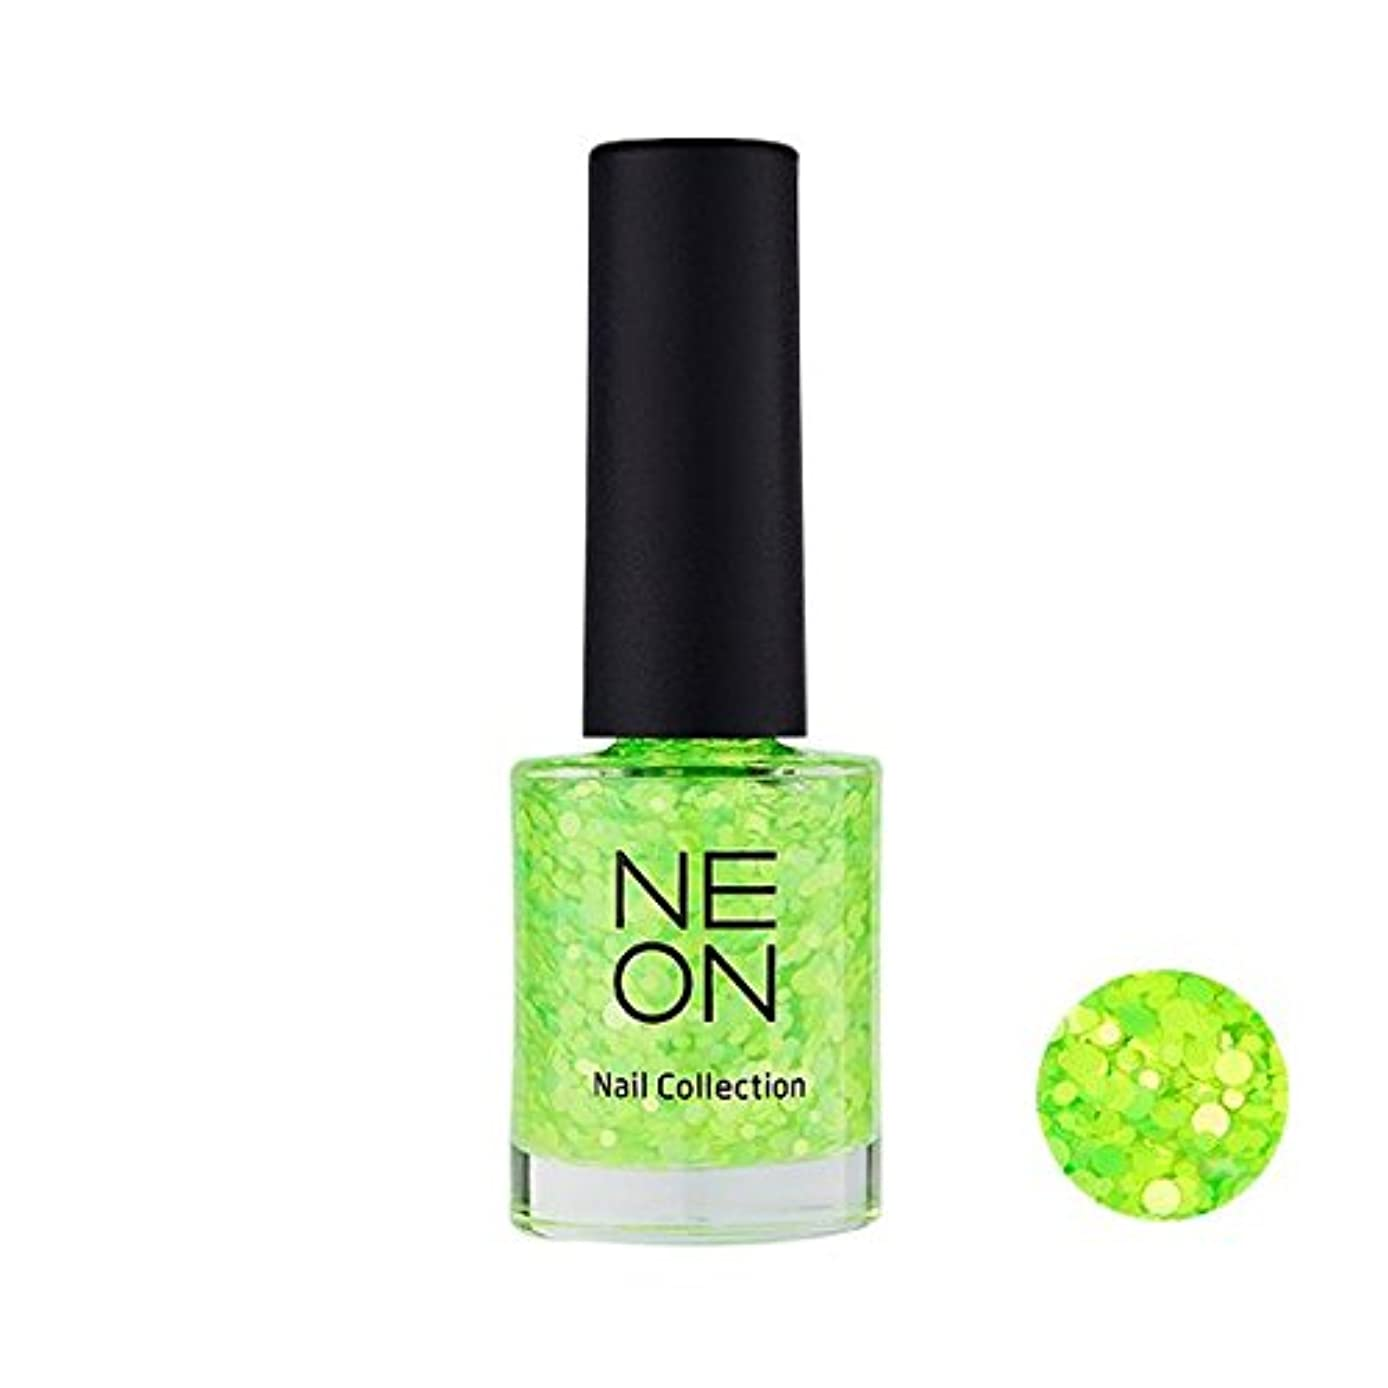 却下する呪い反対にIt'S SKIN Neon nail collection [04 Neon Glitter green] イッツスキン ネオンネイルコレクション [04 ネオン グリッター グリーン] [並行輸入品]